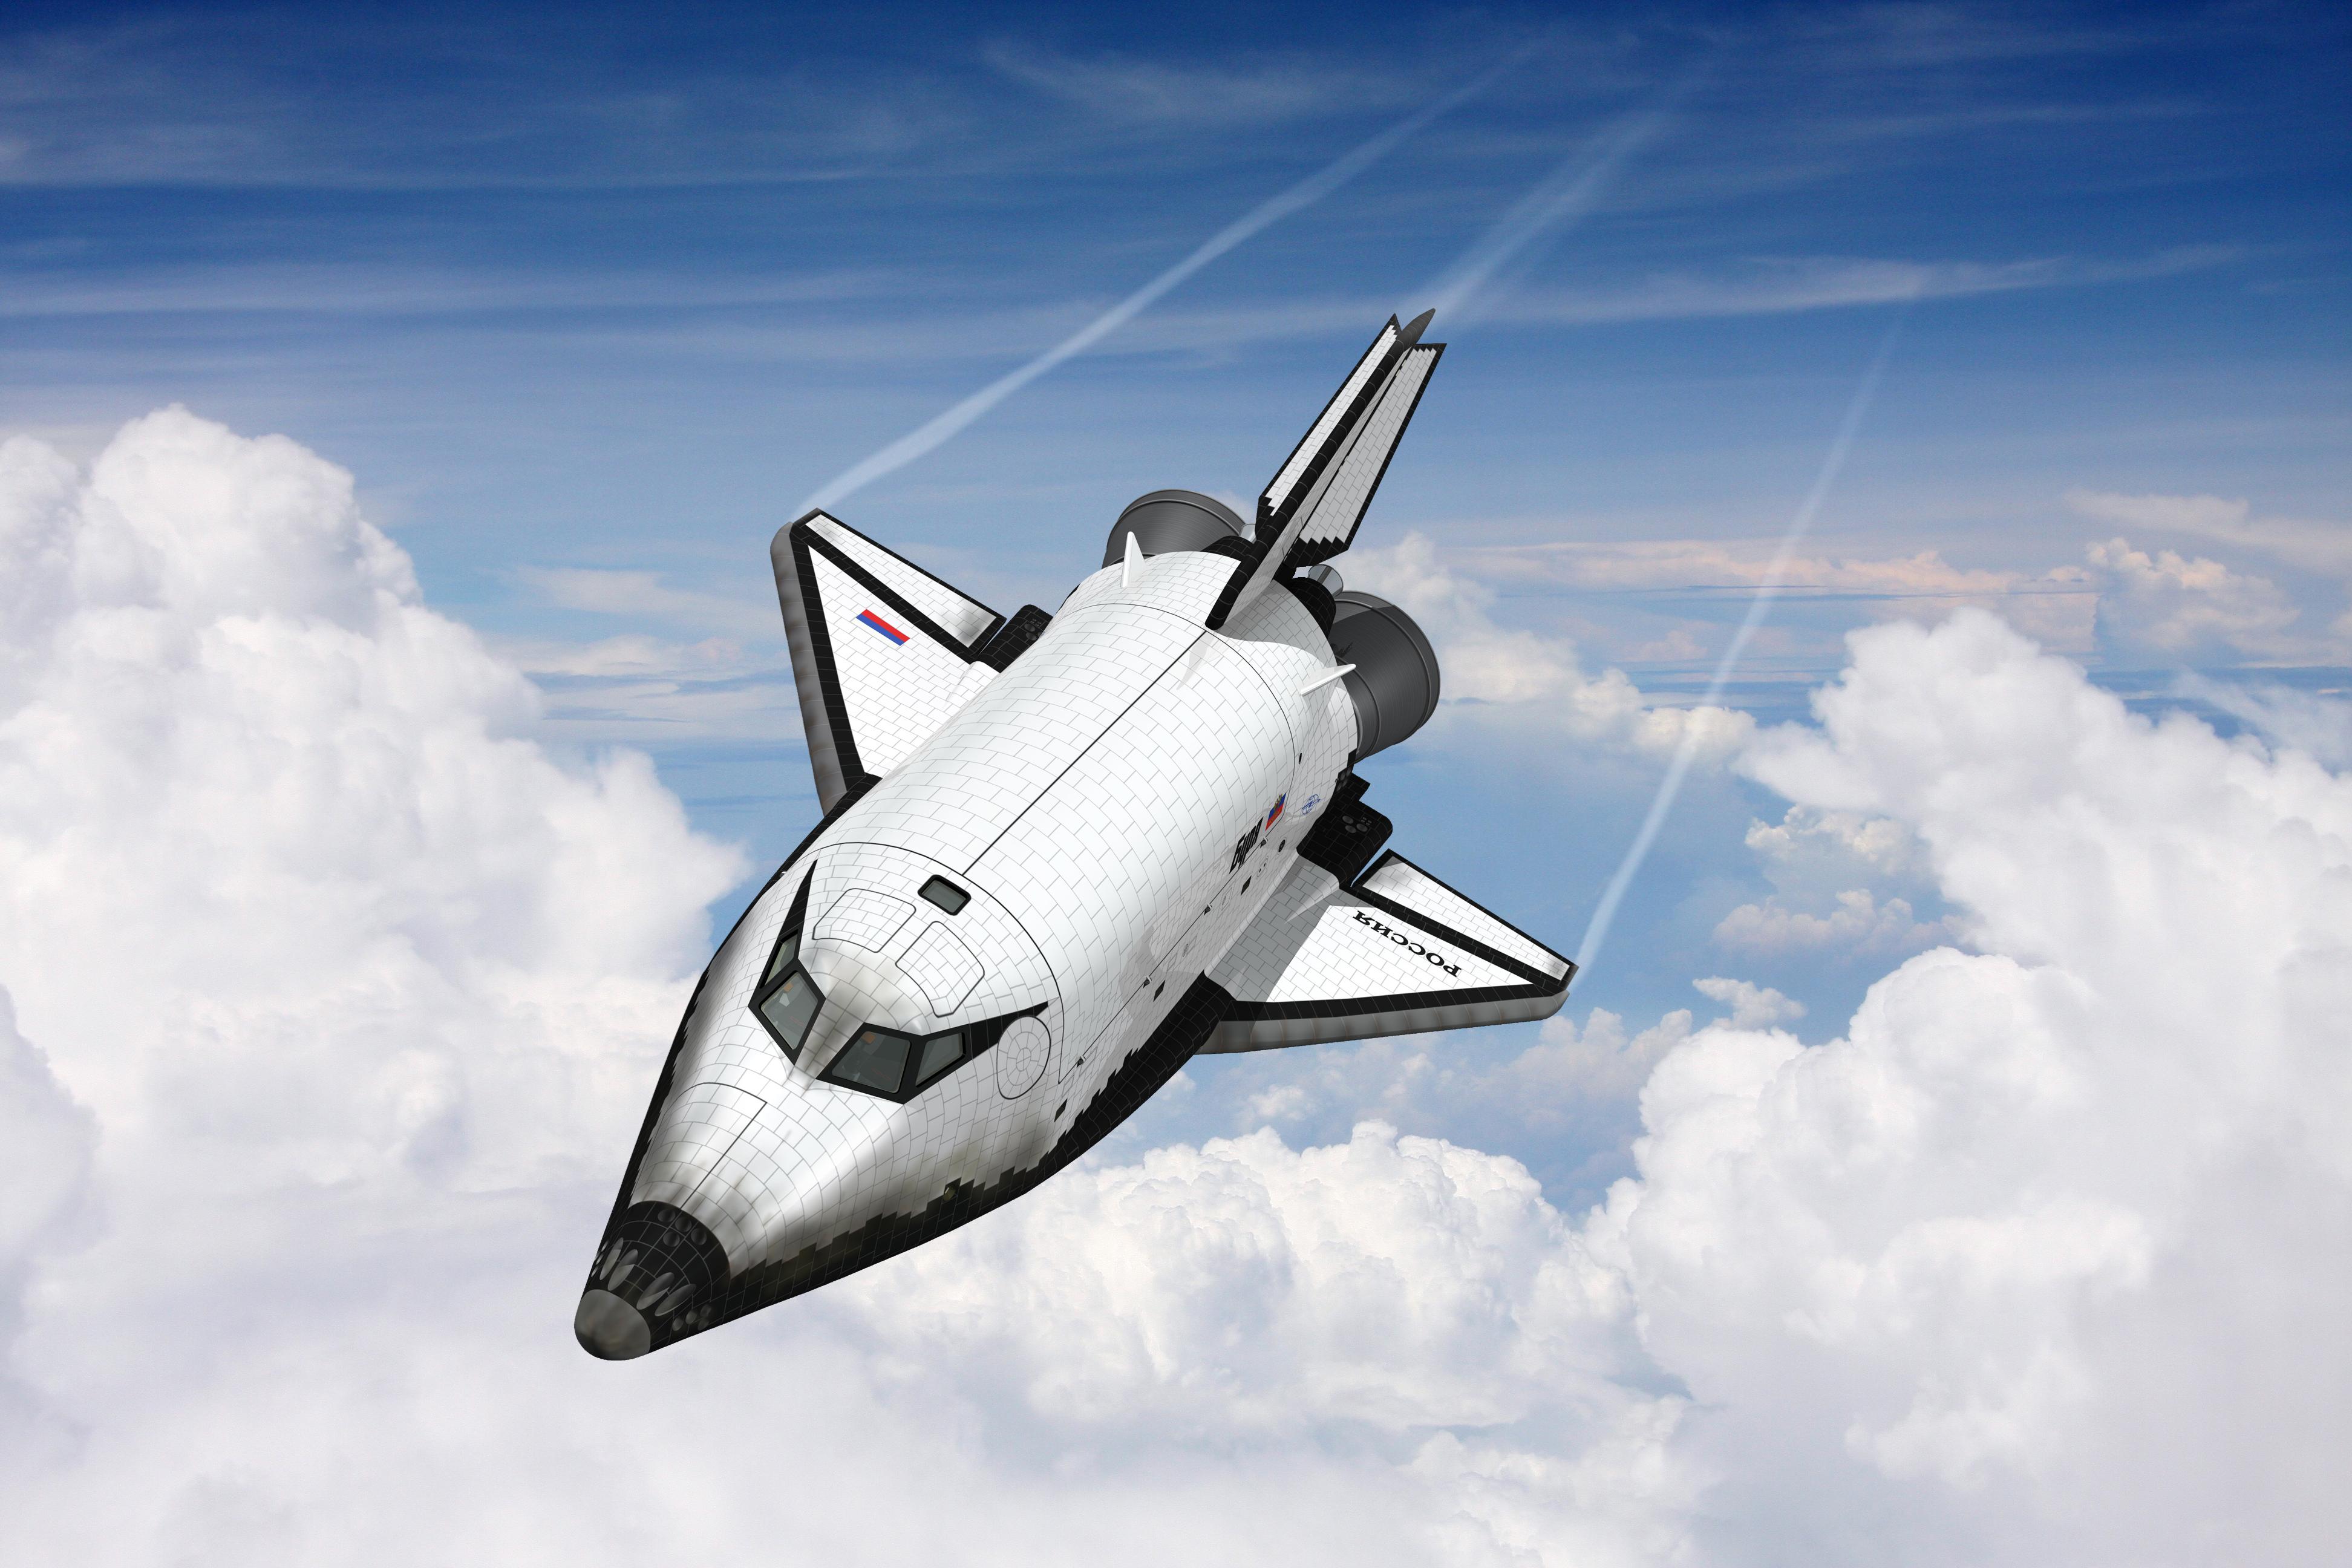 Двухместный орбитальный самолет системы МАКС образца 2000 года возвращается из космоса.